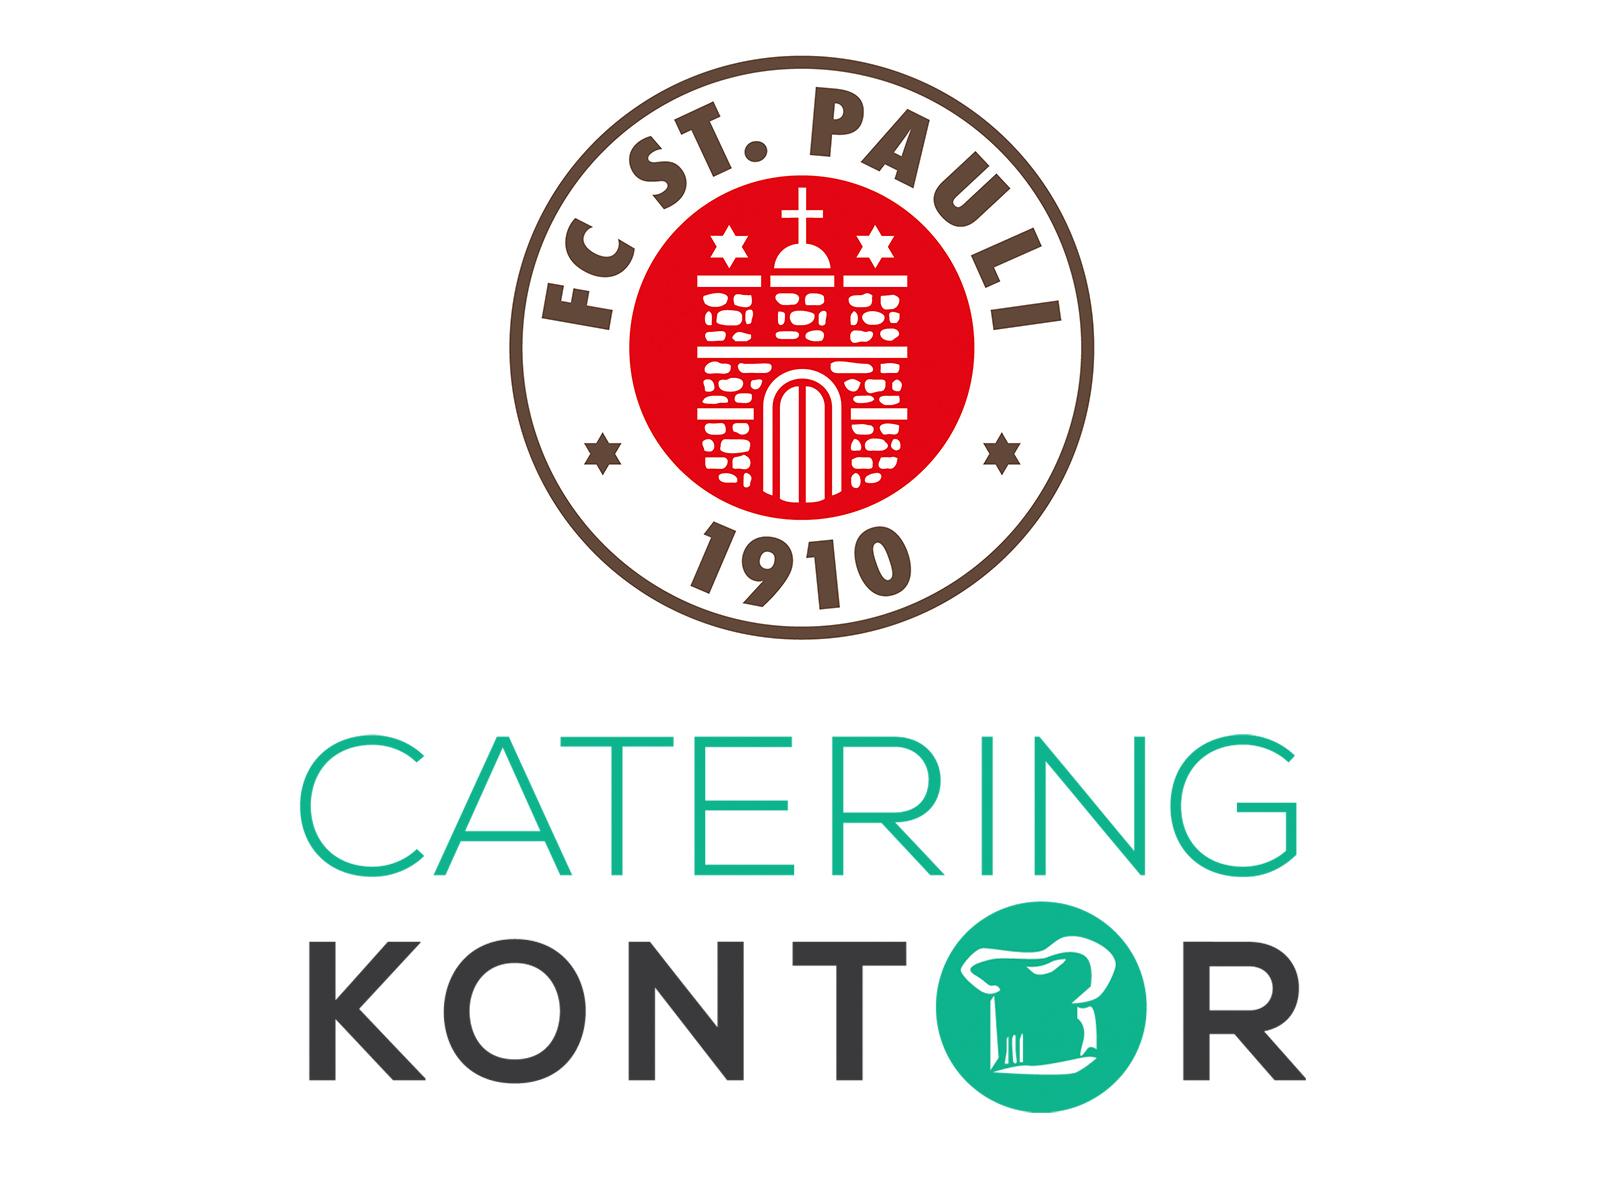 Der FC St. Pauli & Catering Kontor suchen Personal für VIP-Catering